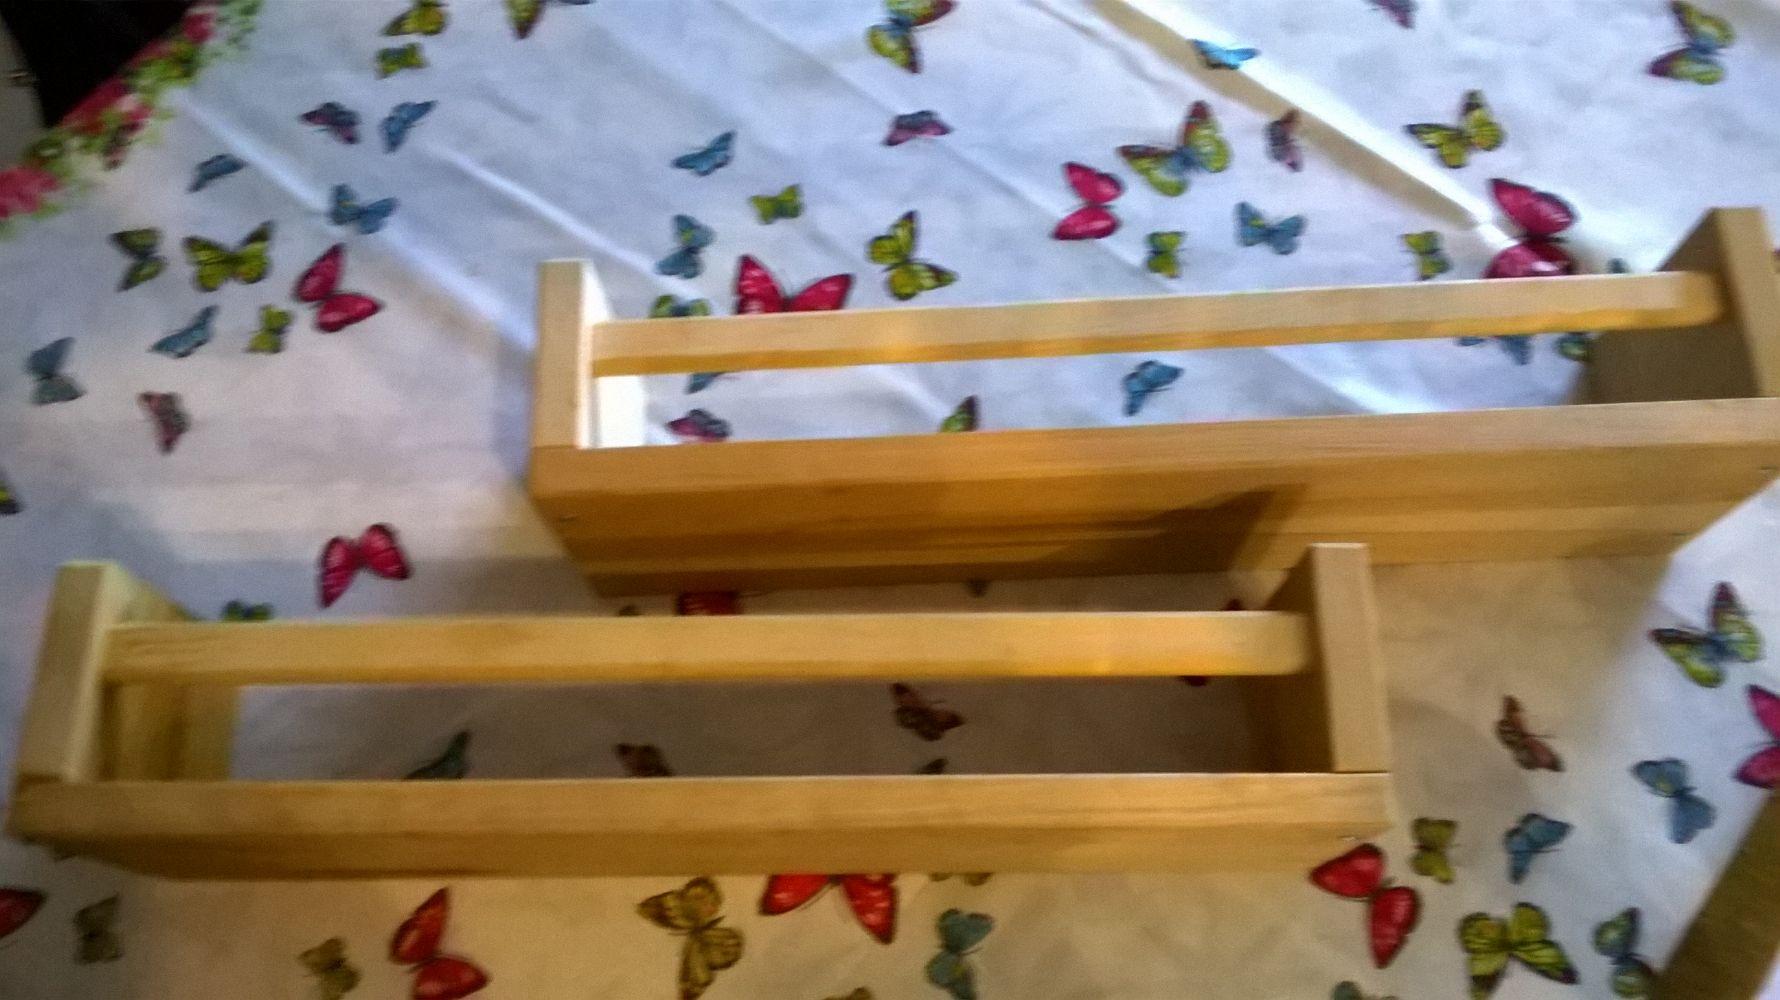 Baratto scambio mensole ikea arredamento complementi d for Ikea complementi d arredo